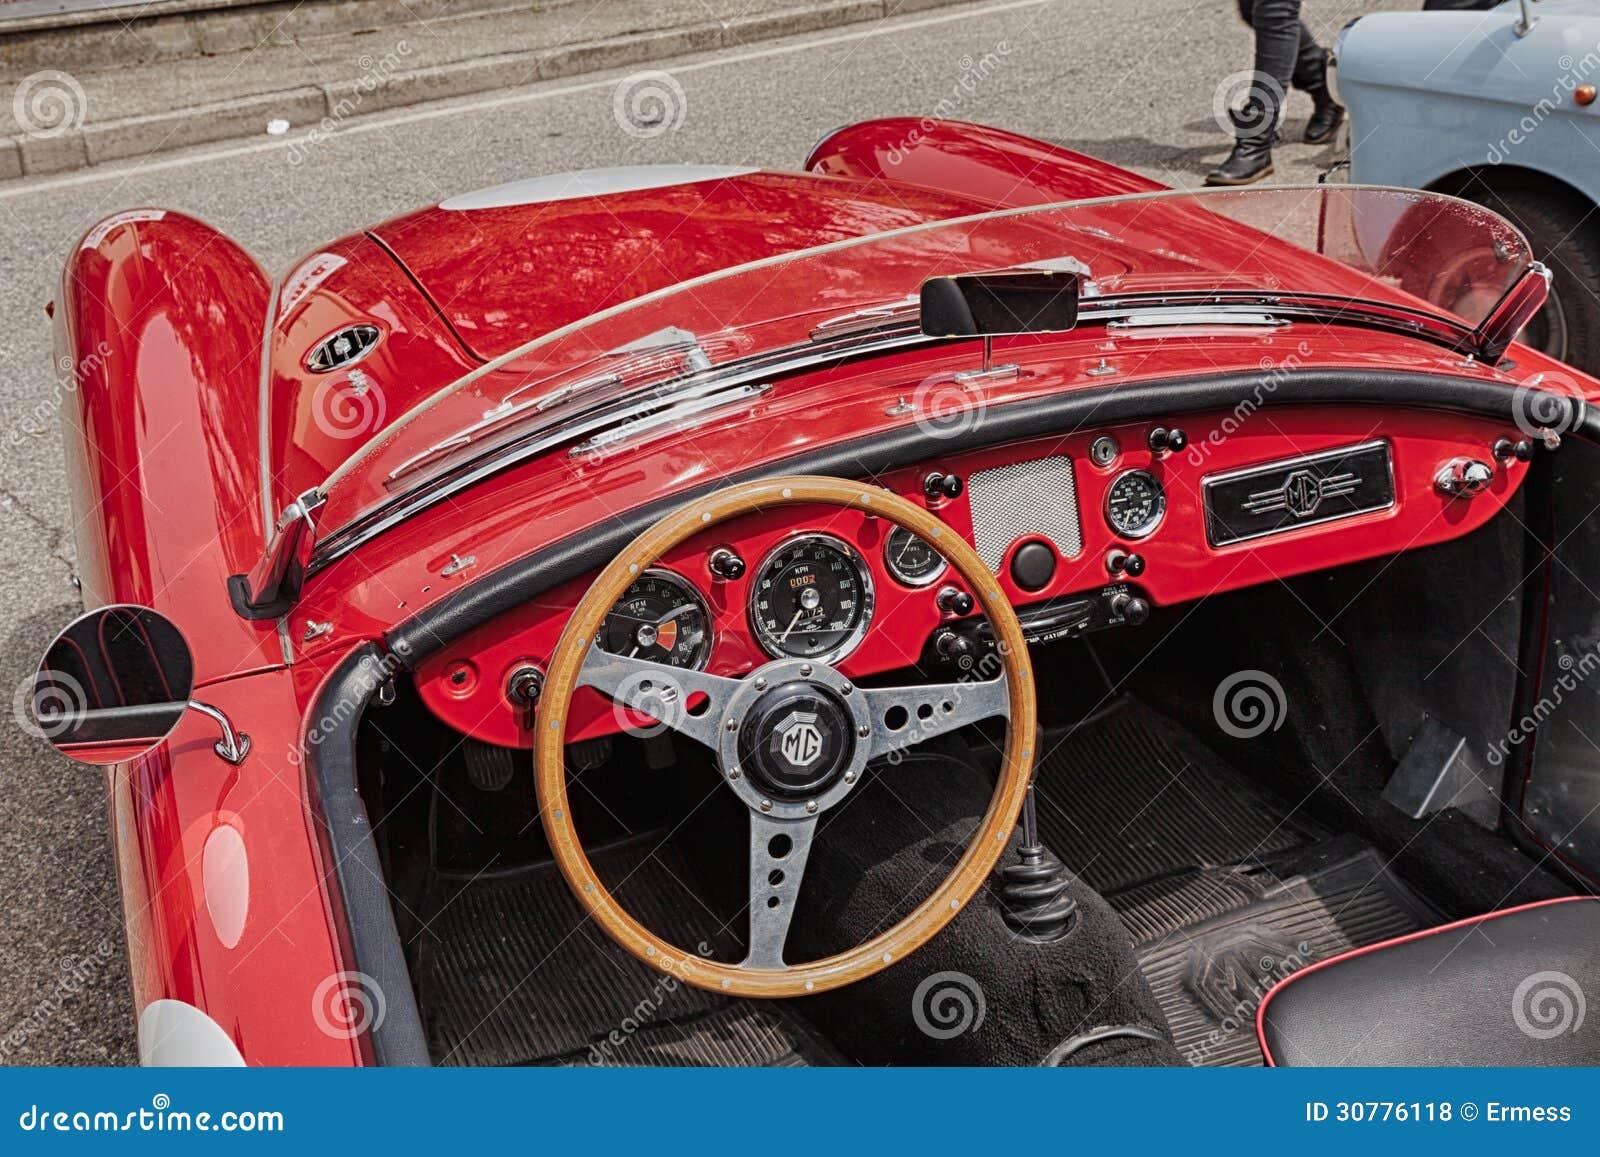 tableau de bord d 39 une vieille voiture de course photo stock ditorial image 30776118. Black Bedroom Furniture Sets. Home Design Ideas